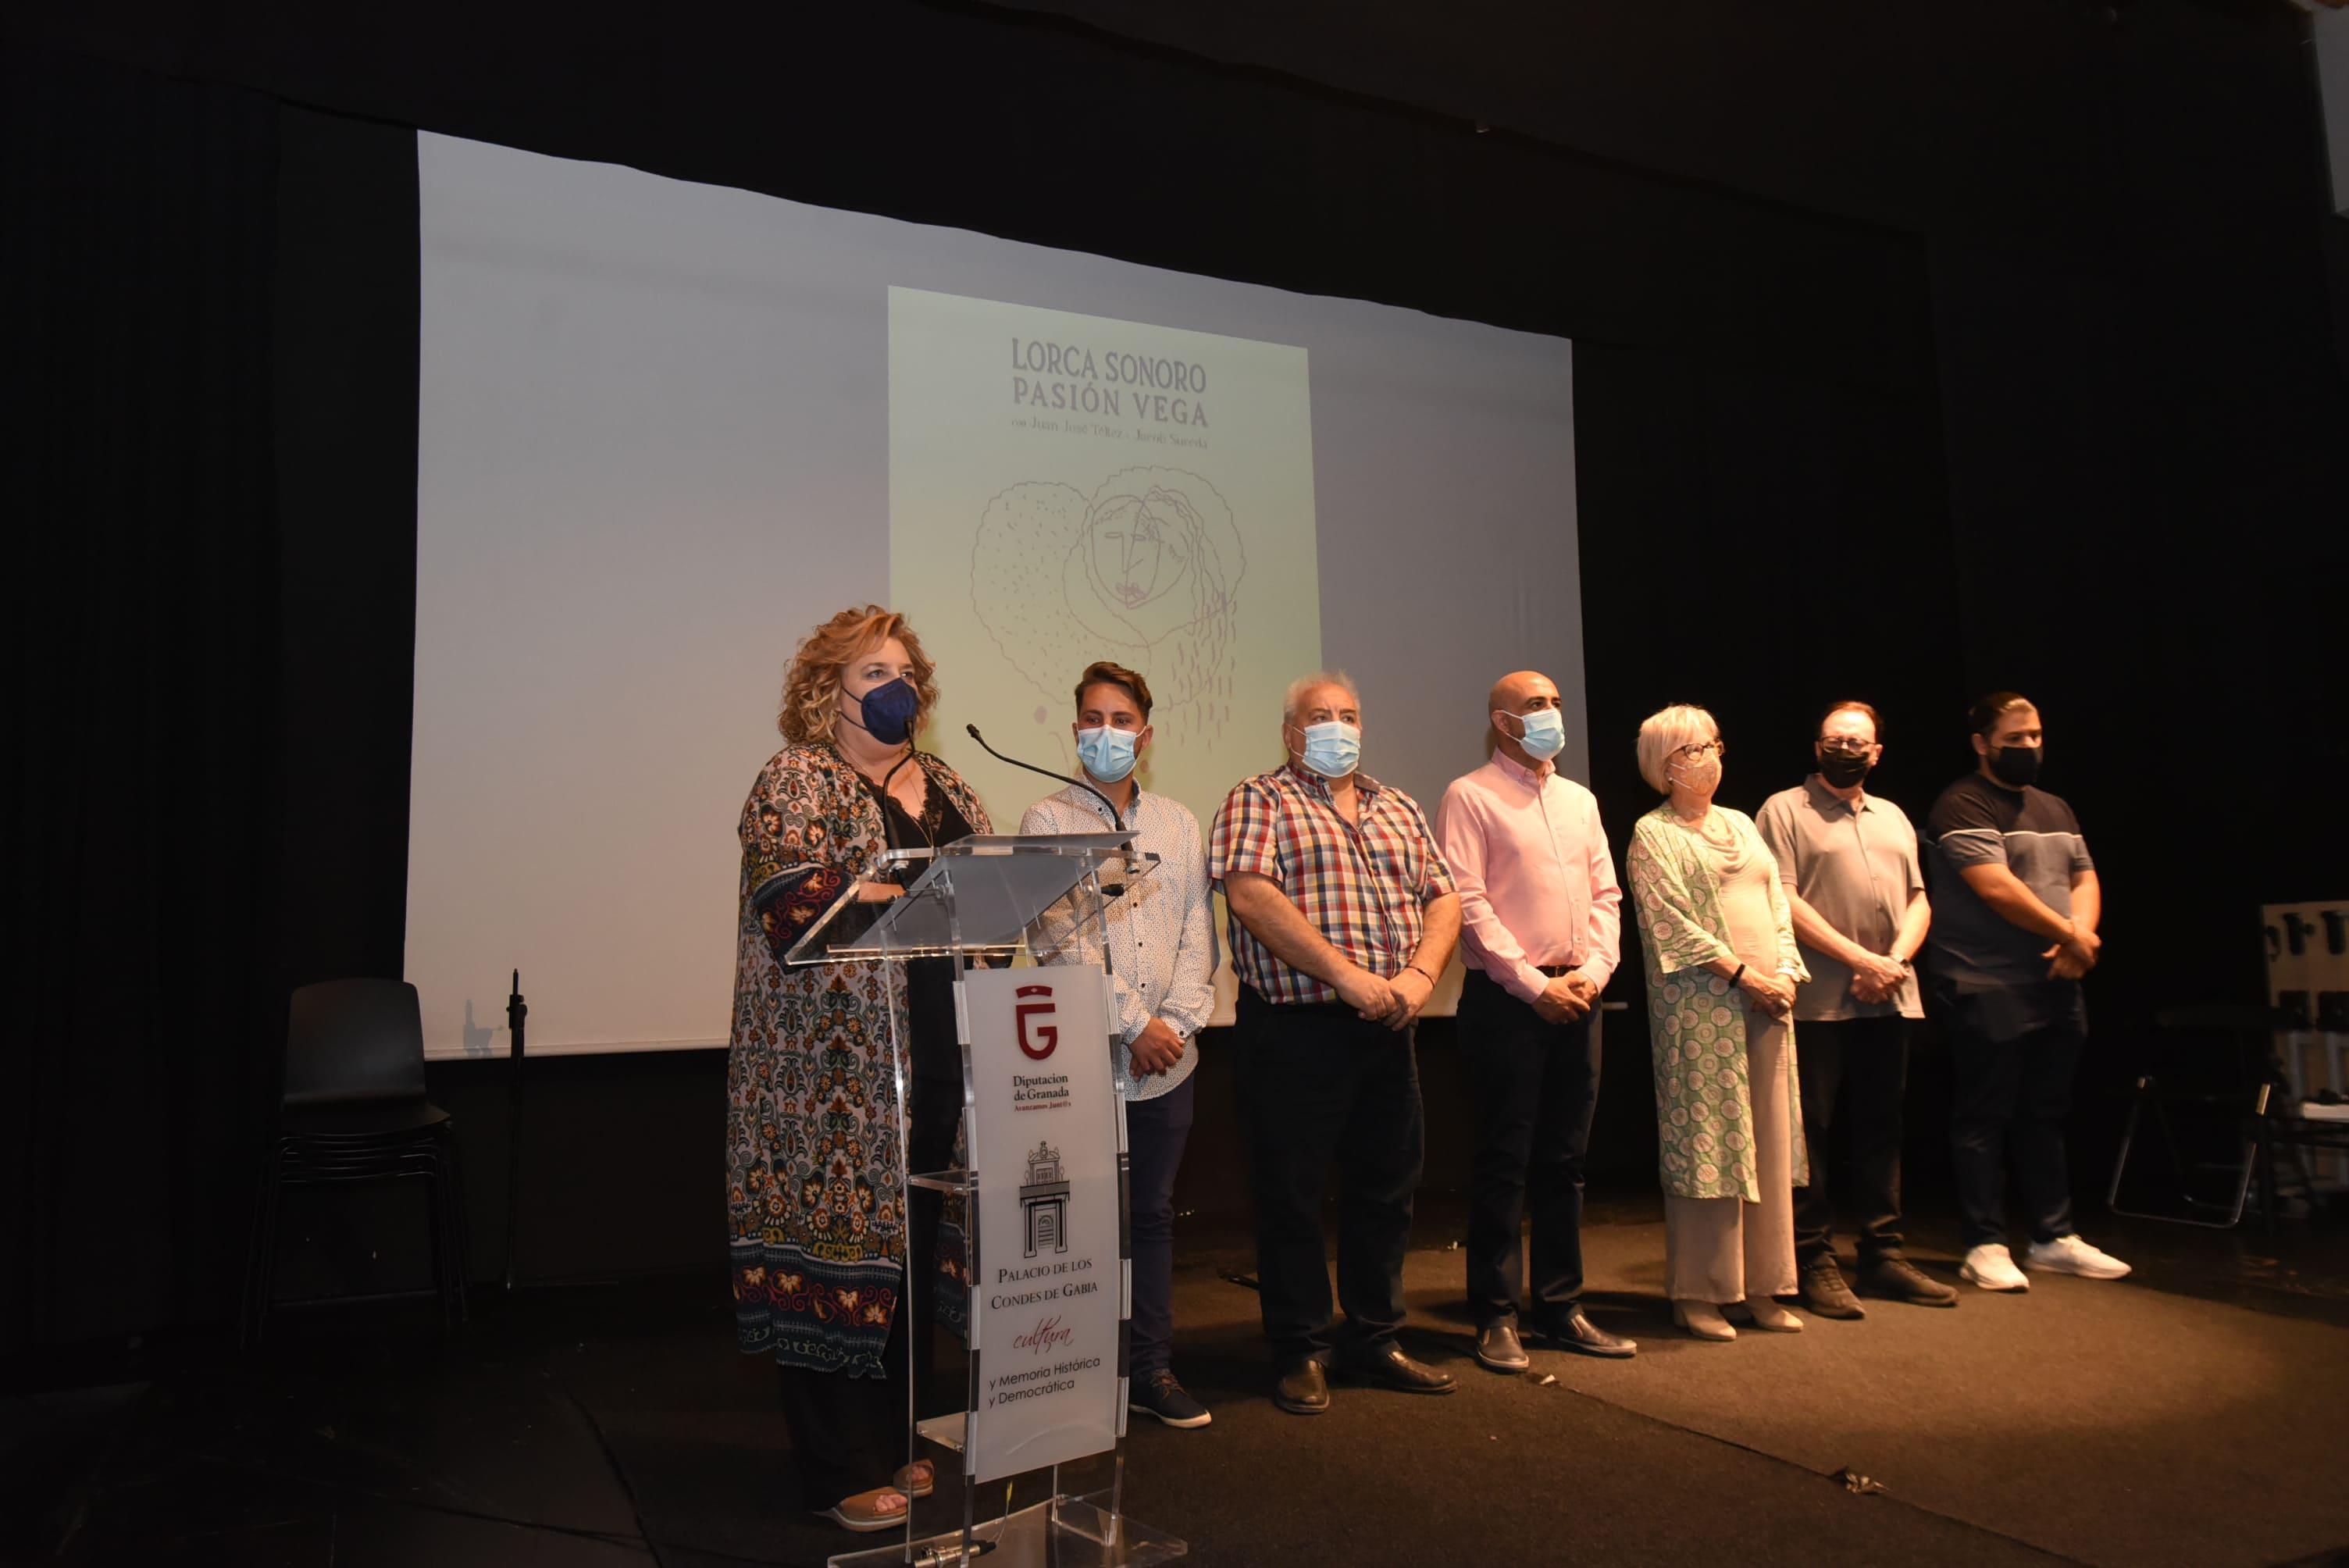 Pasión Vega ofrecerá un concierto en el homenaje a Lorca y a las víctimas de la Guerra Civil en el 85 aniversario de su fusilamiento